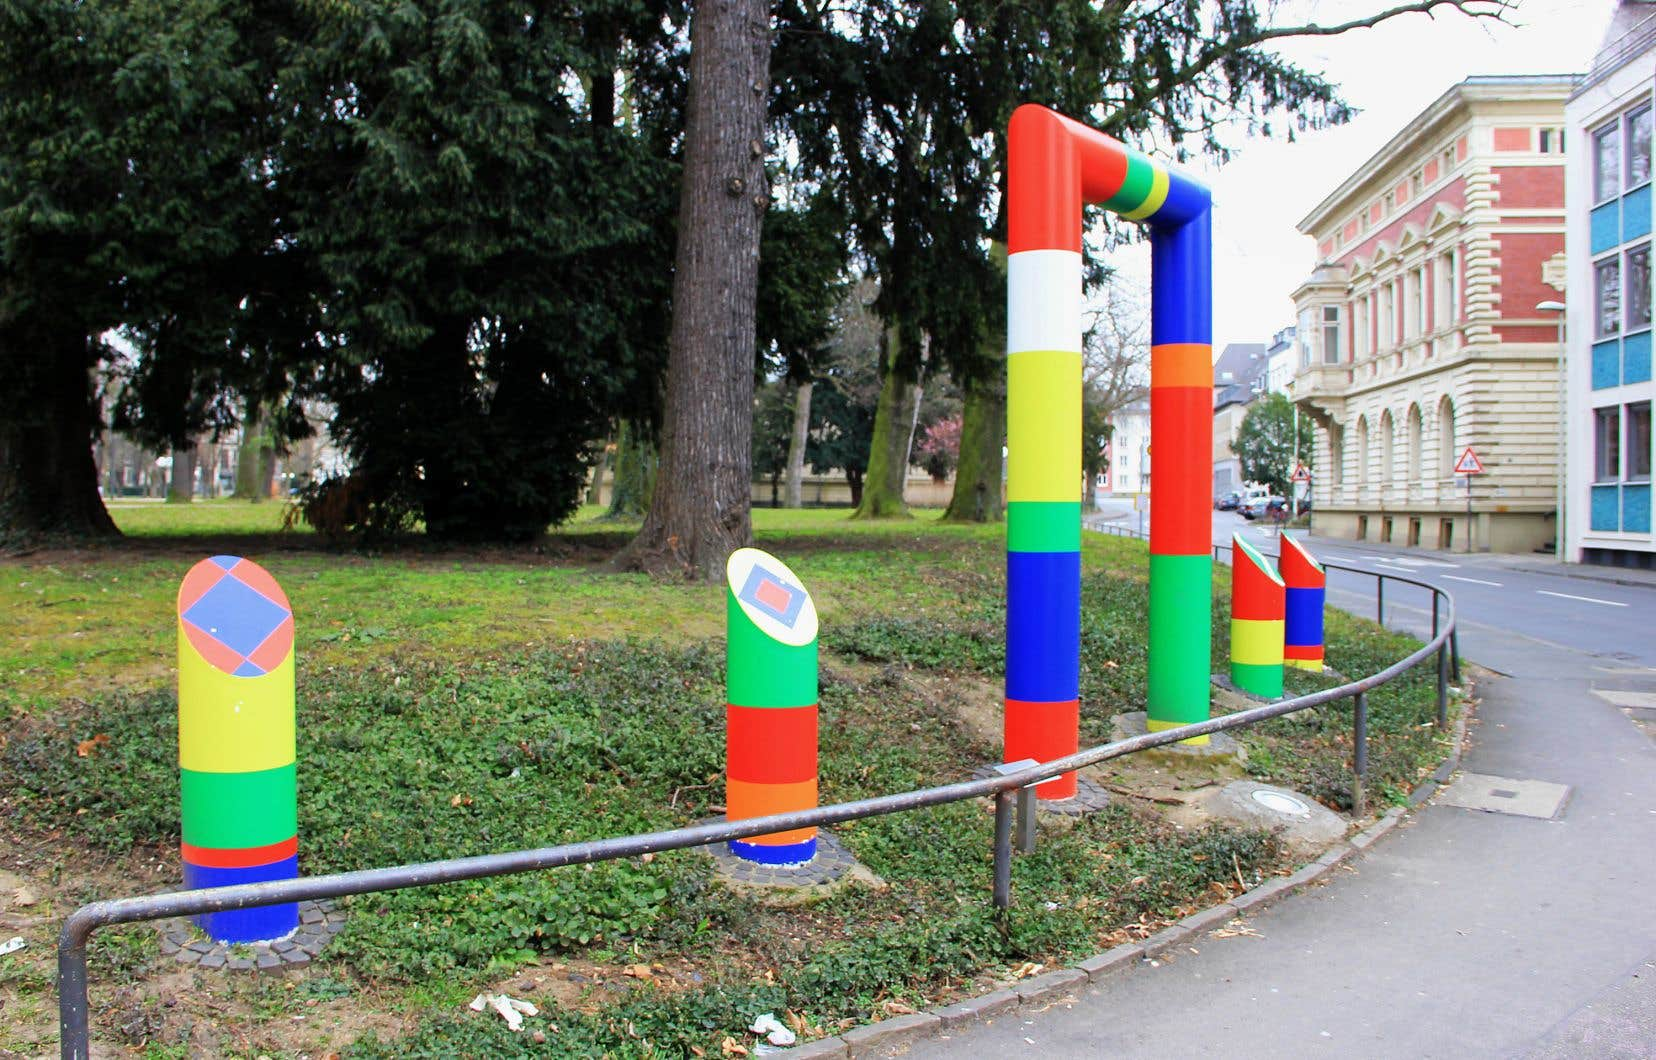 Une œuvrede Guy de Rougemont intitulée «Echo Polychrome», dans la ville de Bonn en Allemagne